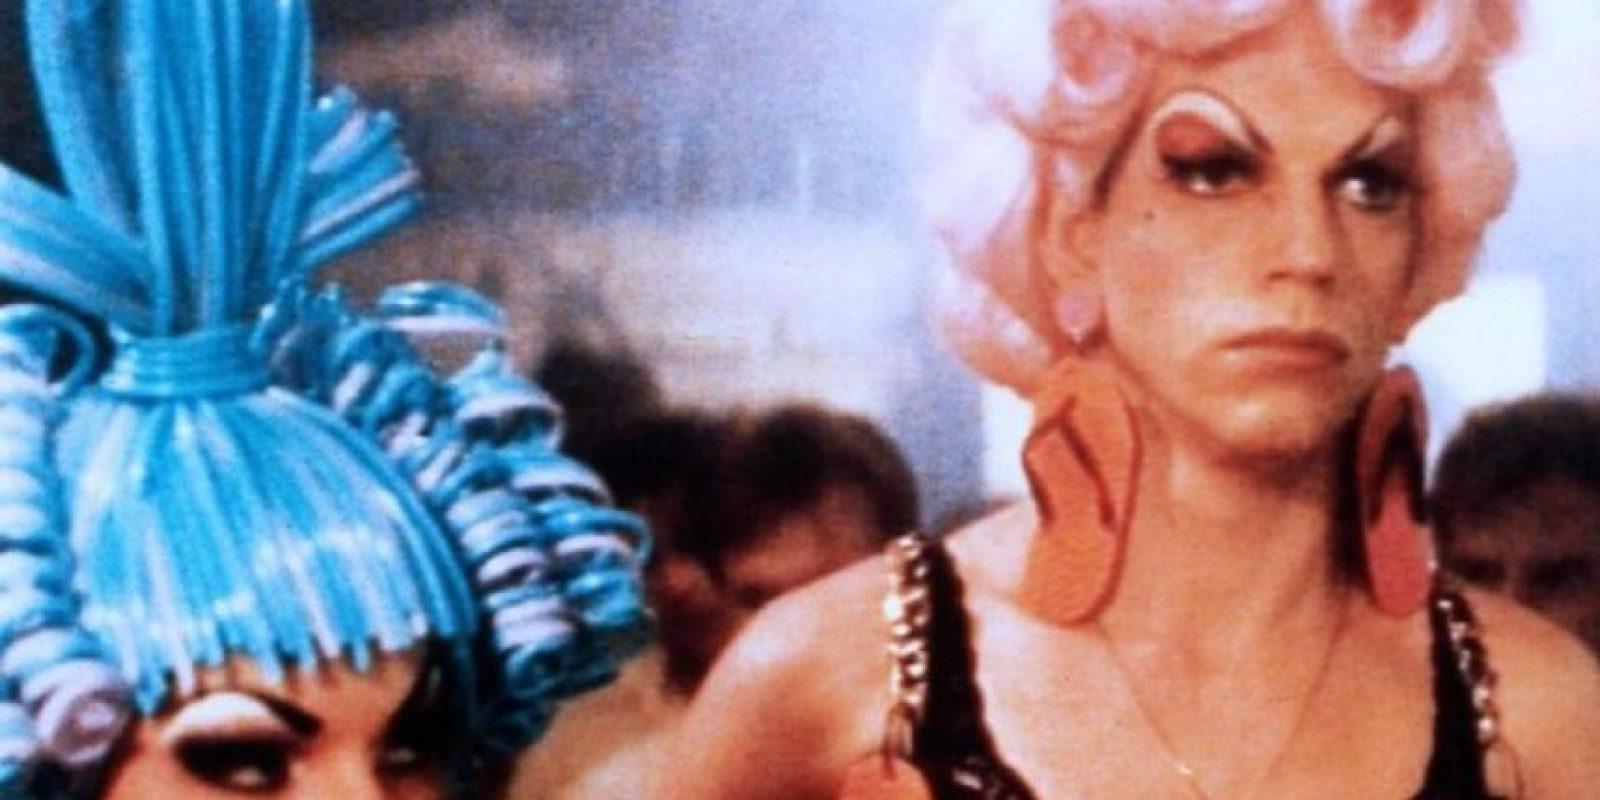 """Hugo Weaving es famoso por """"Priscilla, la reina del desierto"""". Foto:vía PolyGram"""